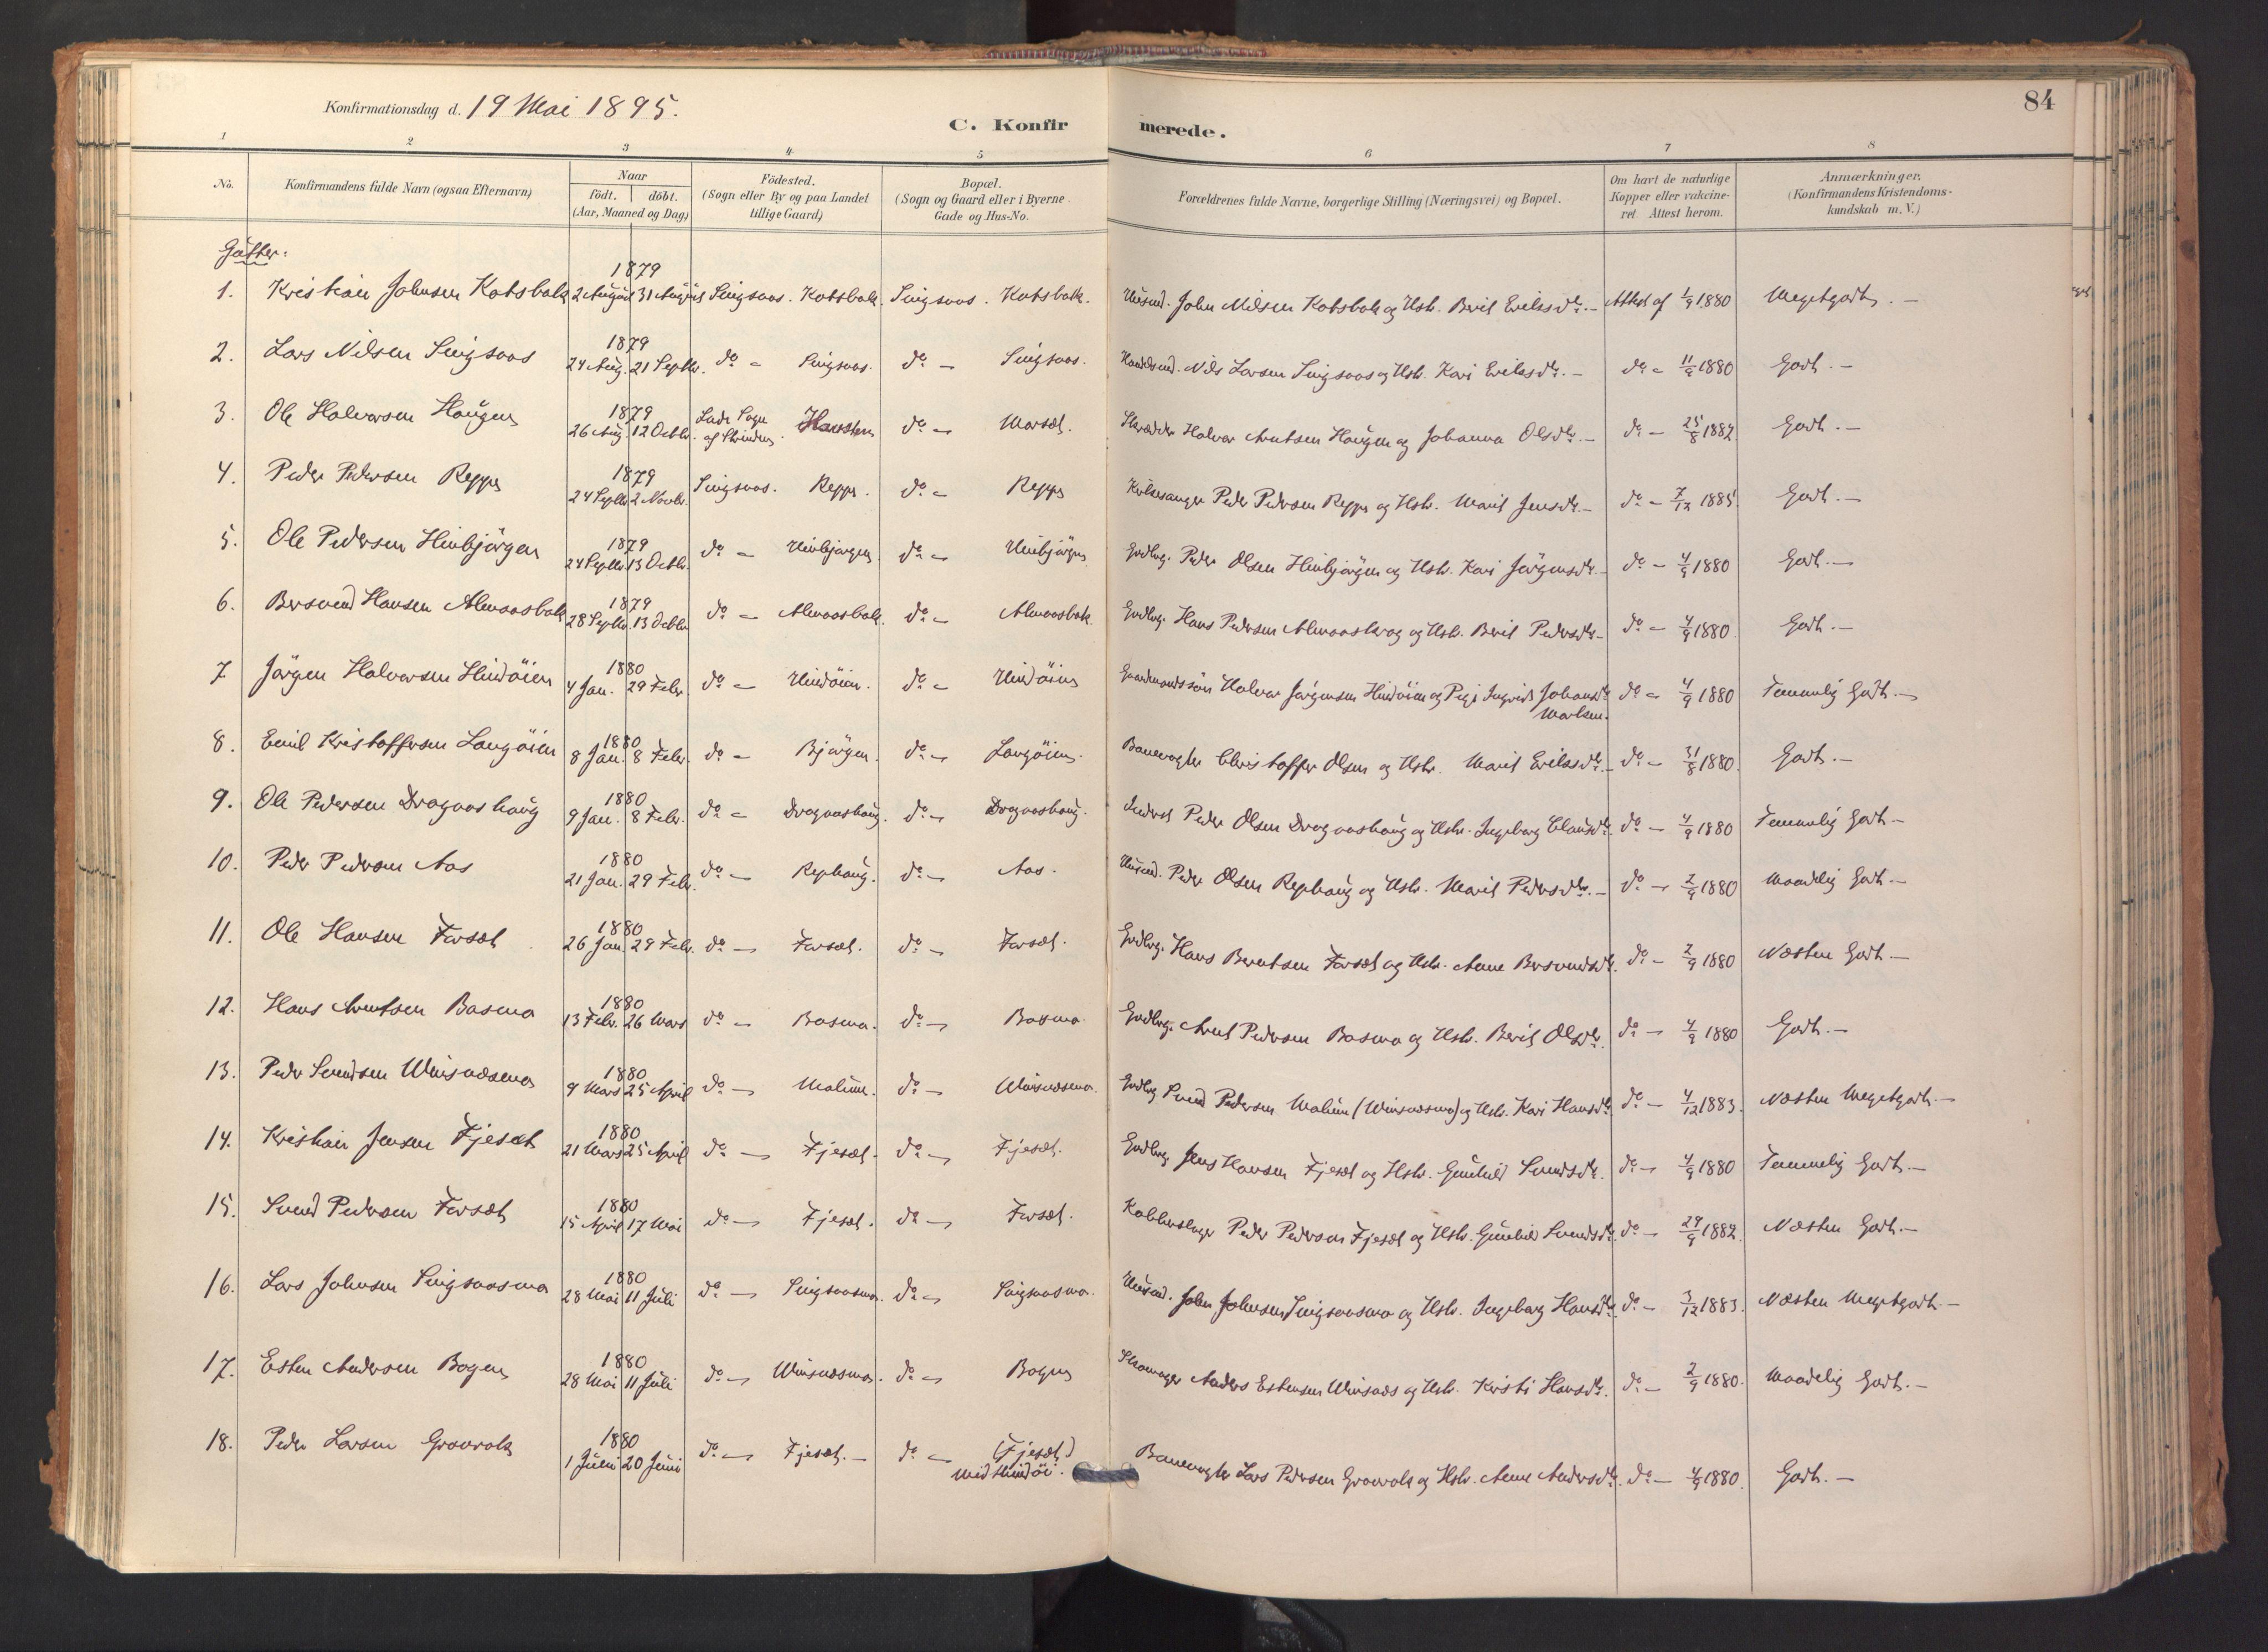 SAT, Ministerialprotokoller, klokkerbøker og fødselsregistre - Sør-Trøndelag, 688/L1025: Ministerialbok nr. 688A02, 1891-1909, s. 84